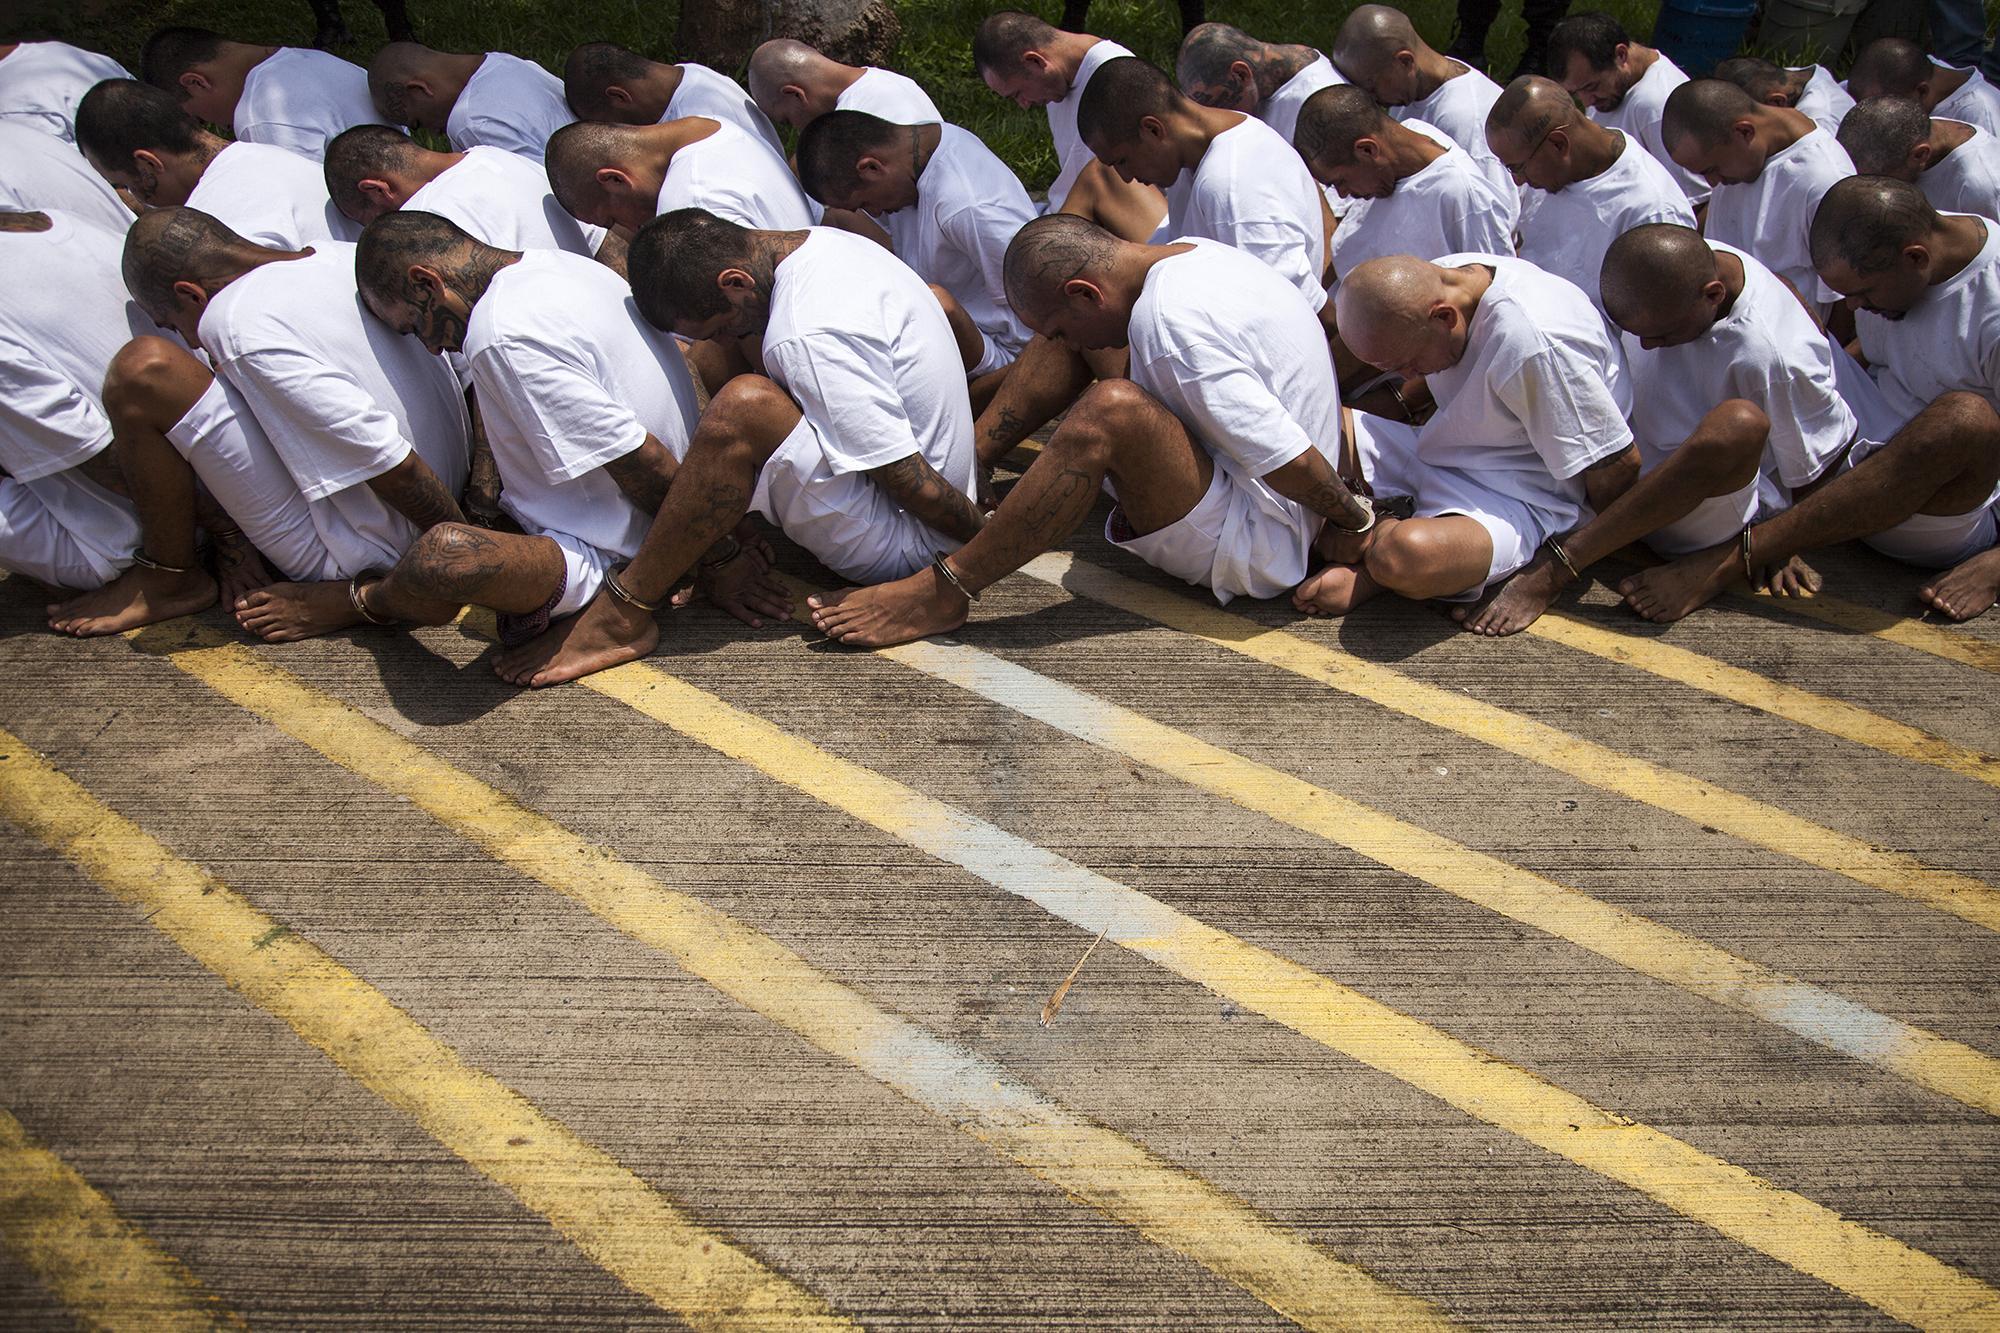 40 líderes de clica de la MS 13 fueron trasladados al penal de máxima seguridad en Zacatecoluca, el 22 de junio de 2017. El Ministerio de Justicia y Seguridad argumentó la acción, debido al incremento de homicidios en el mes de junio. Los 40 pandilleros fueron trasladados del centro penal de Izalco, en el departamento de Sonsonate. Foto: Víctor Peña